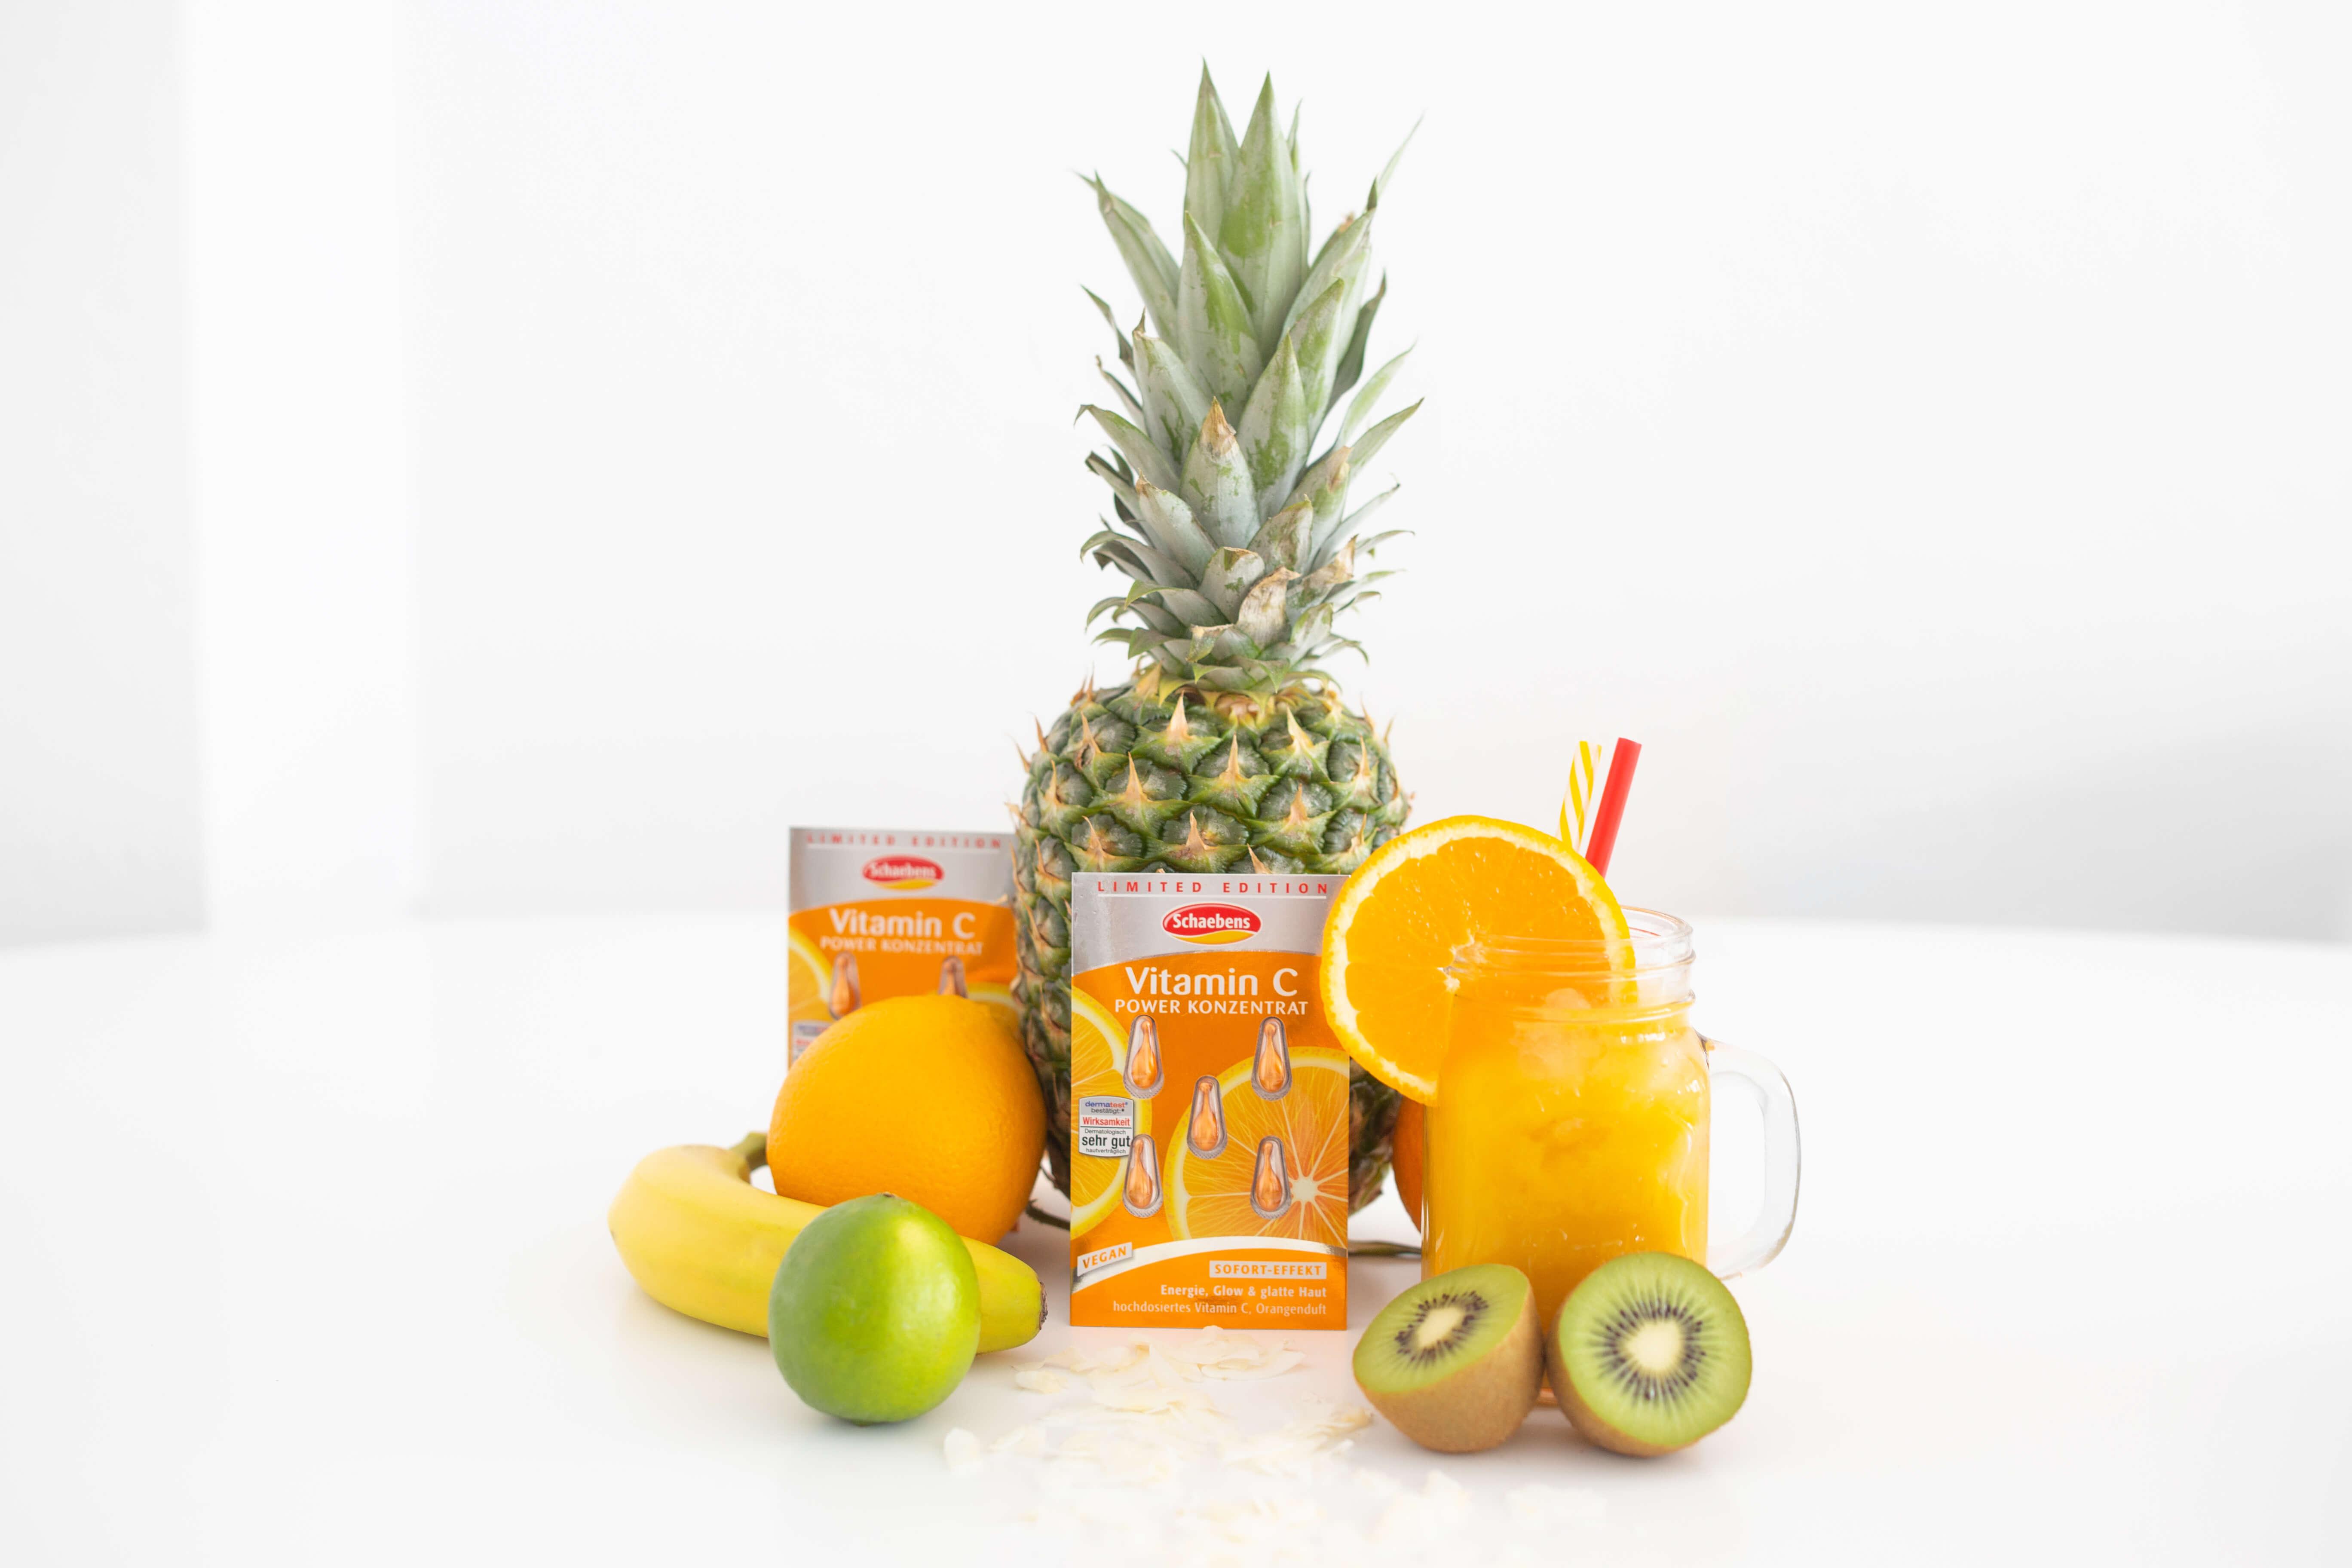 vitaminc-smoothie-nela-beautytipps-schaebens-hautpflege-konzentrat